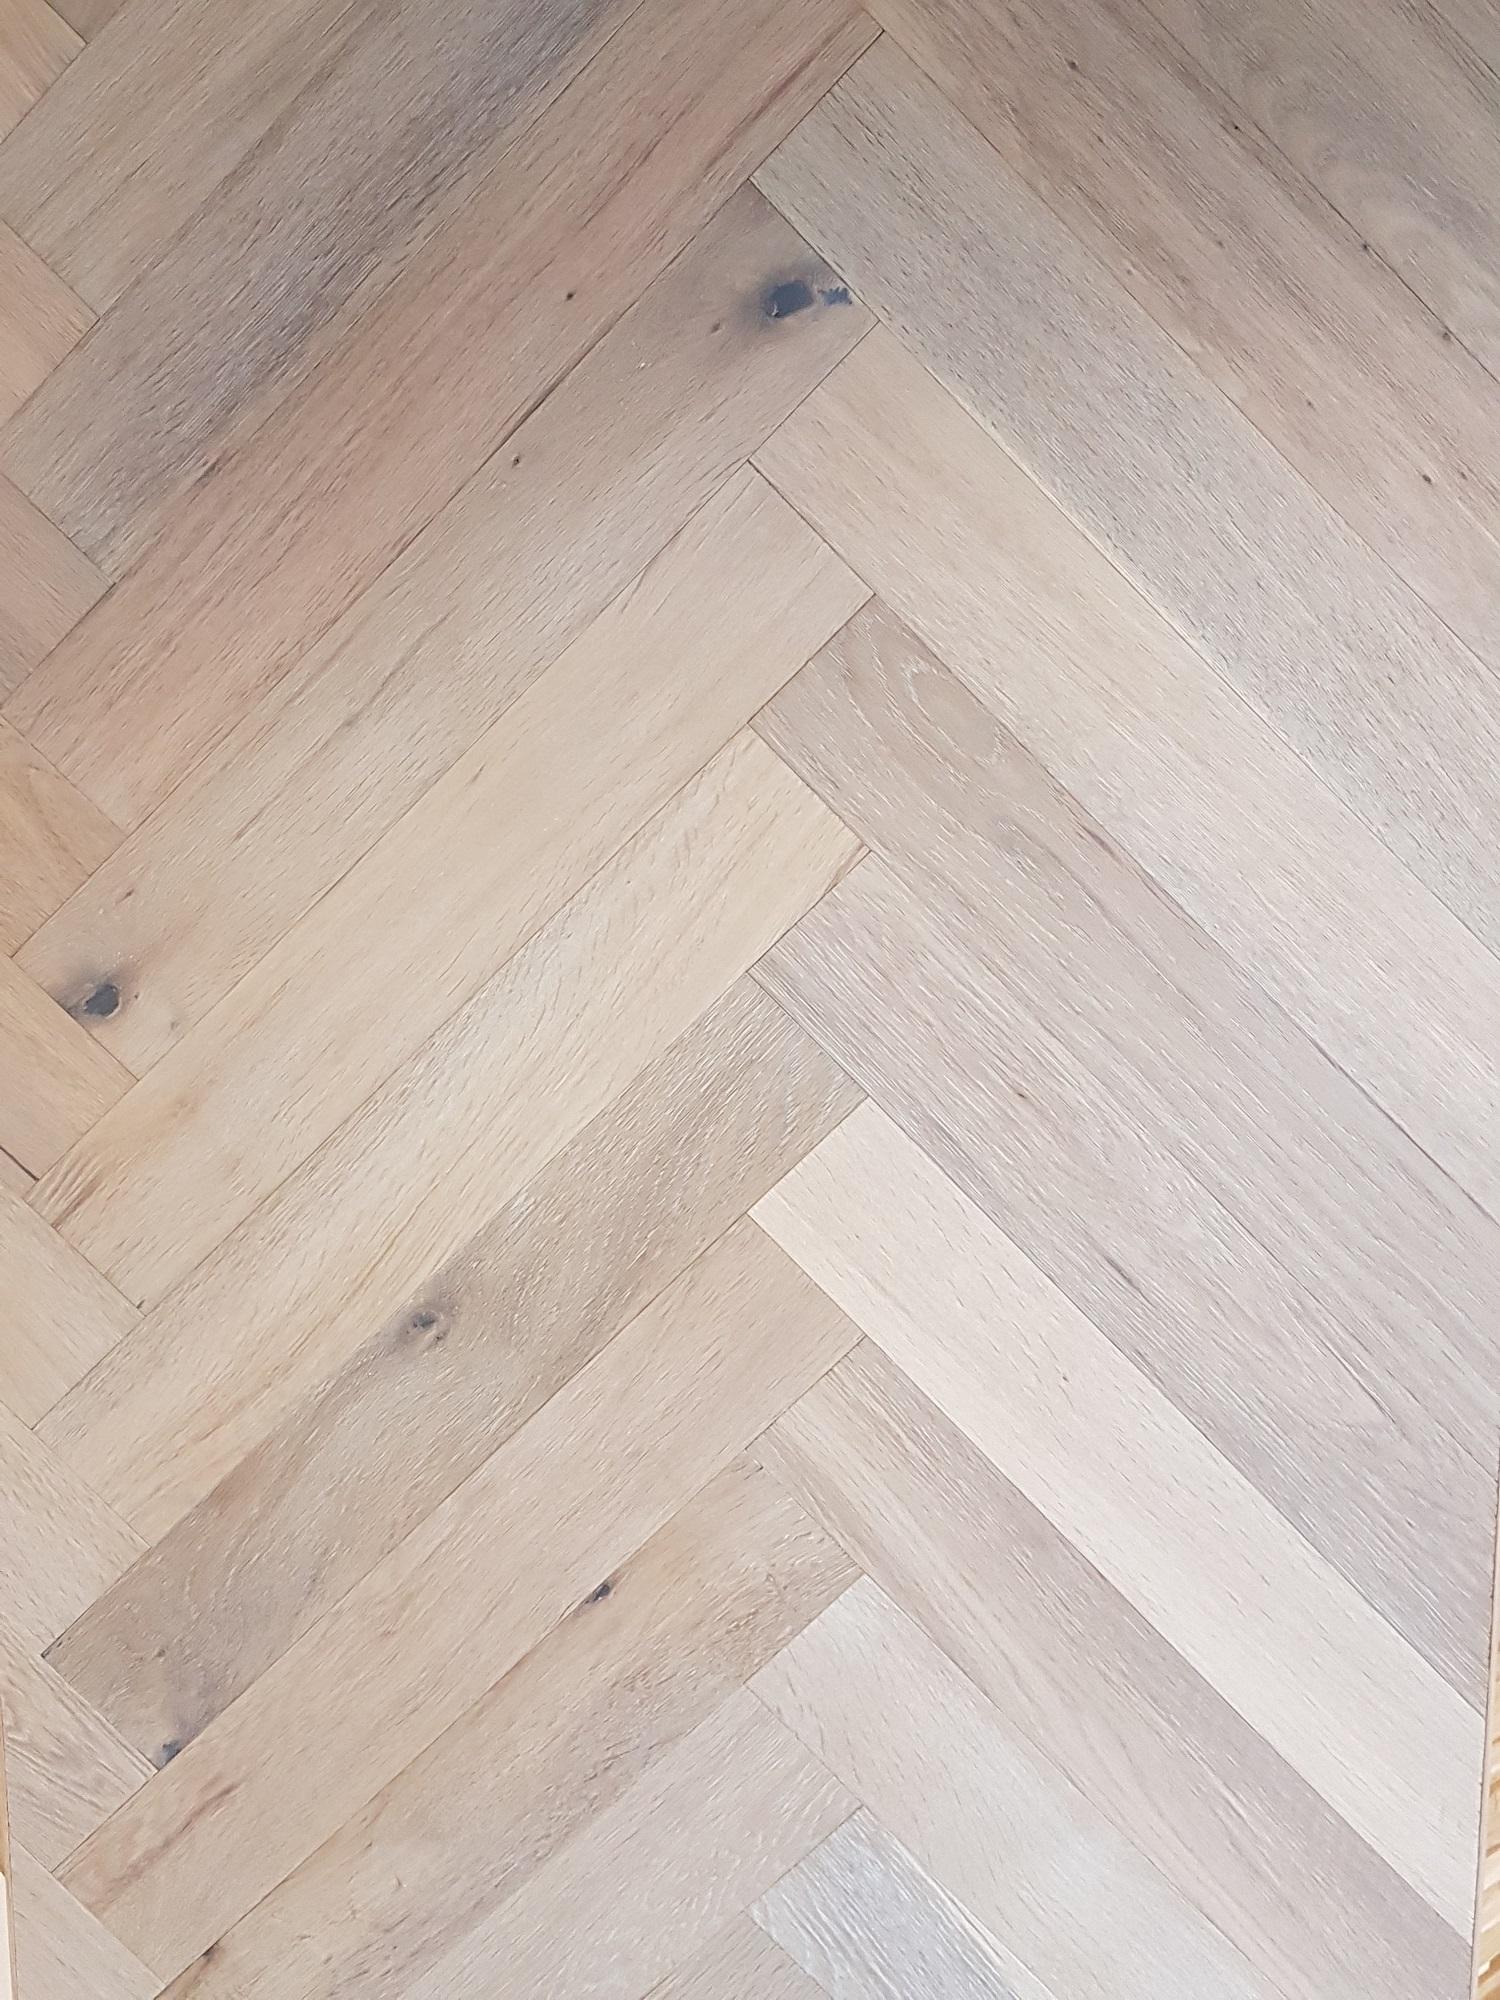 Visgraat vloer goedkoop houten dutzfloors decoratie interieur